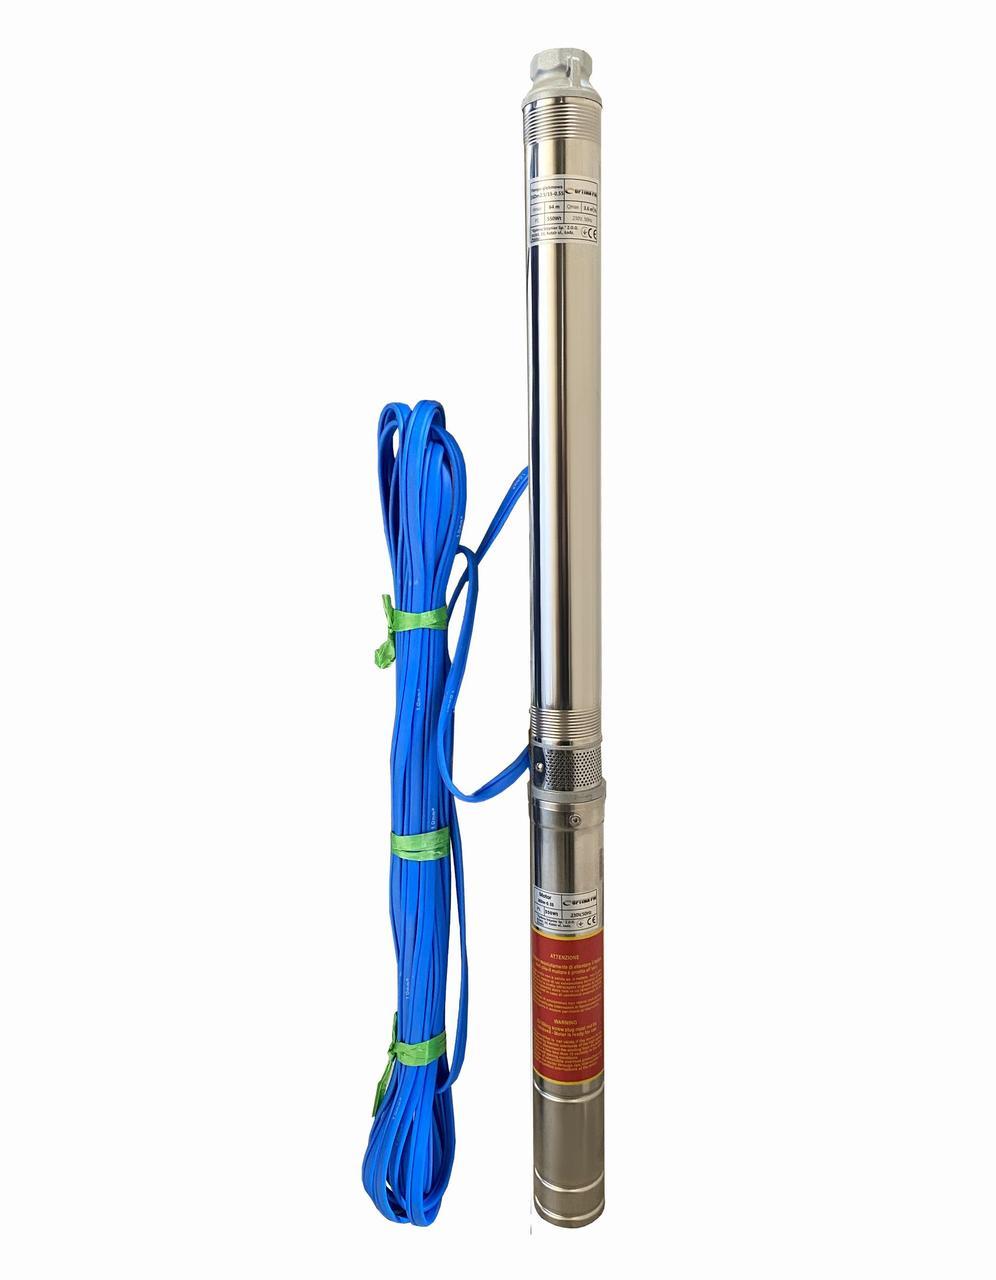 Насос скважинный центробежный Optima PM 3SDm2.5/15 0,55 кВт 65 м + 15 м кабель